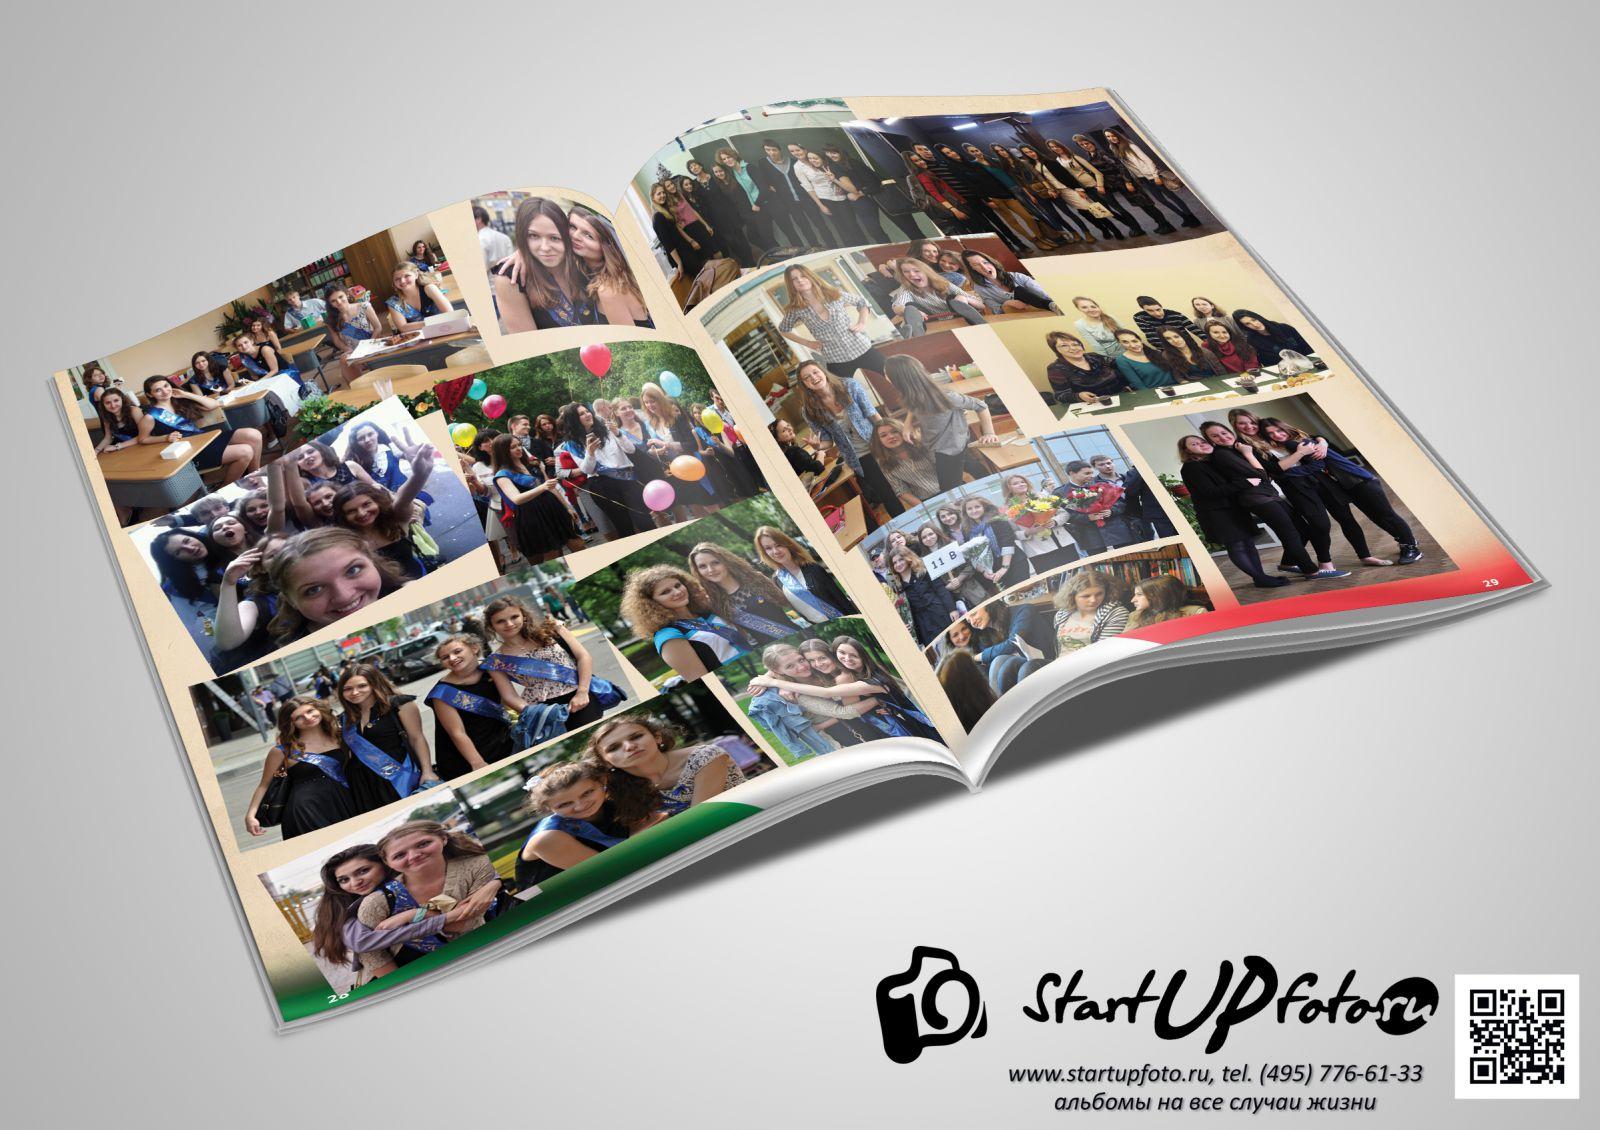 Фотоальбом юныx моделей 21 фотография